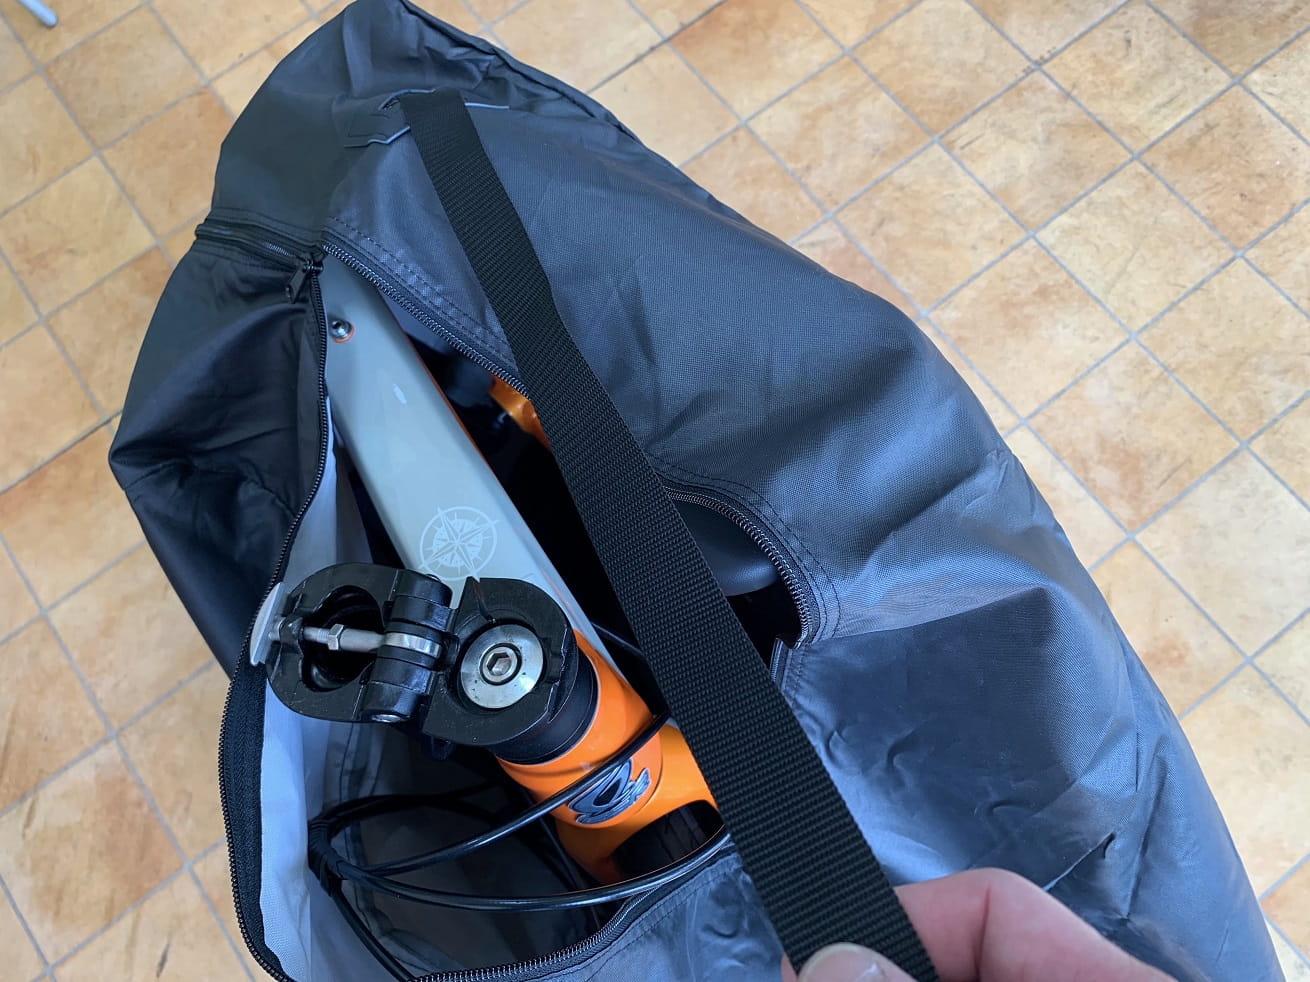 ちび輪バッグ輪行袋のファスナーを少し閉める